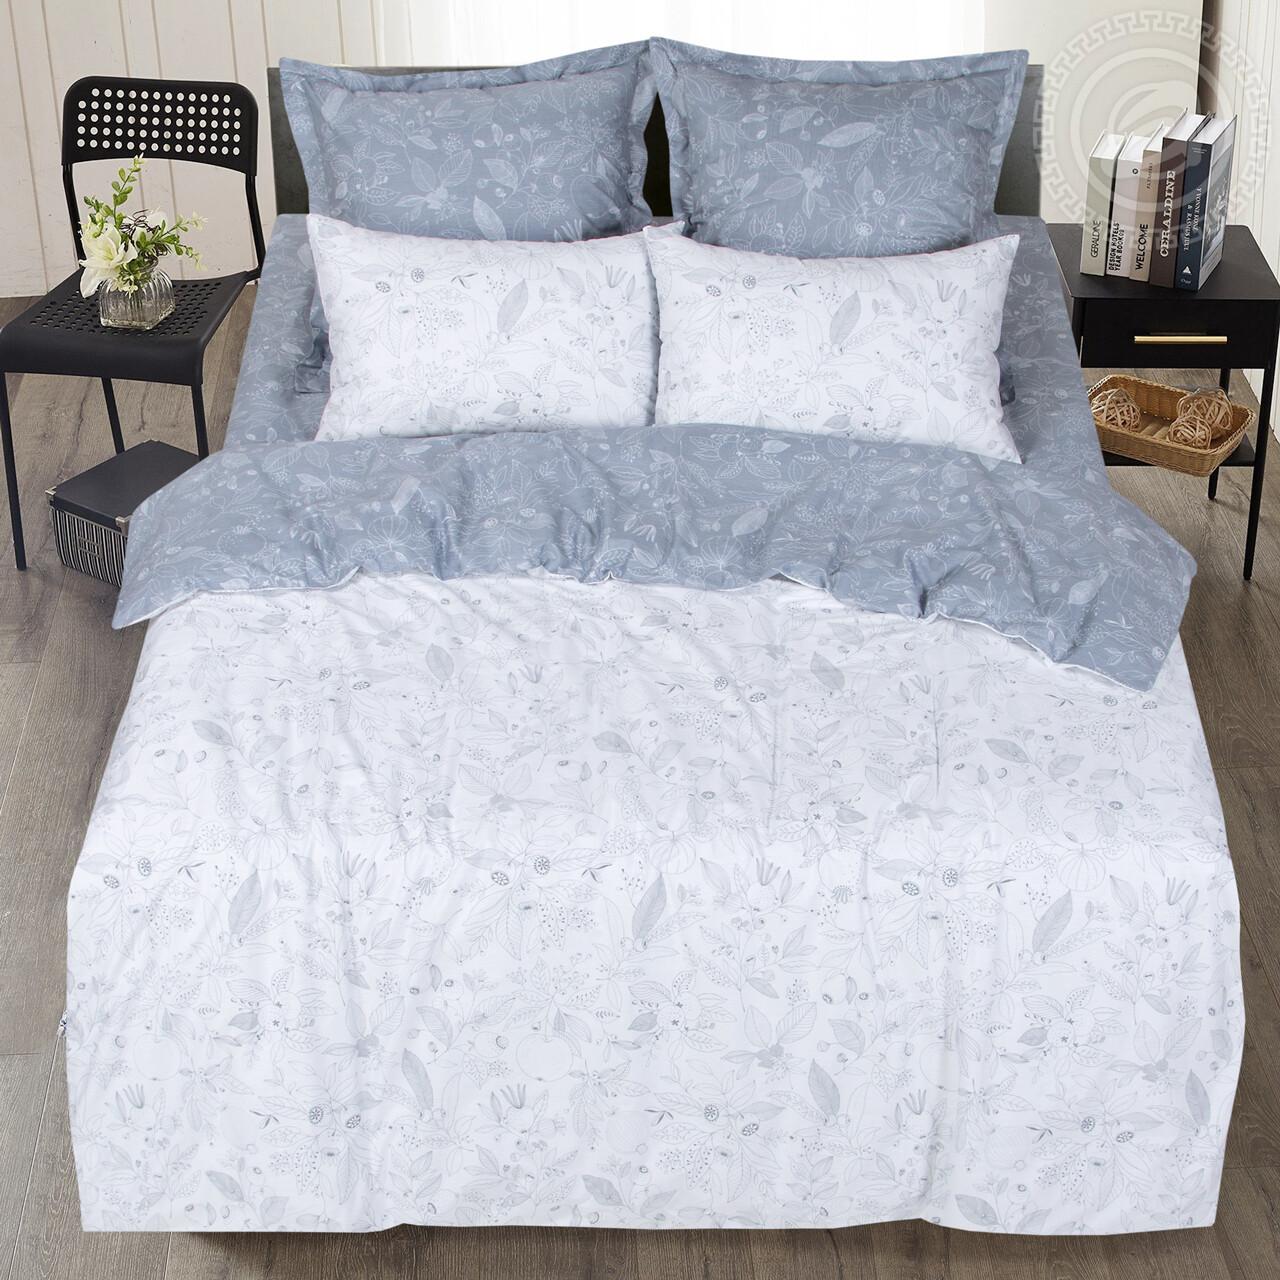 Катерина - Premium  (Комплекты постельного белья)